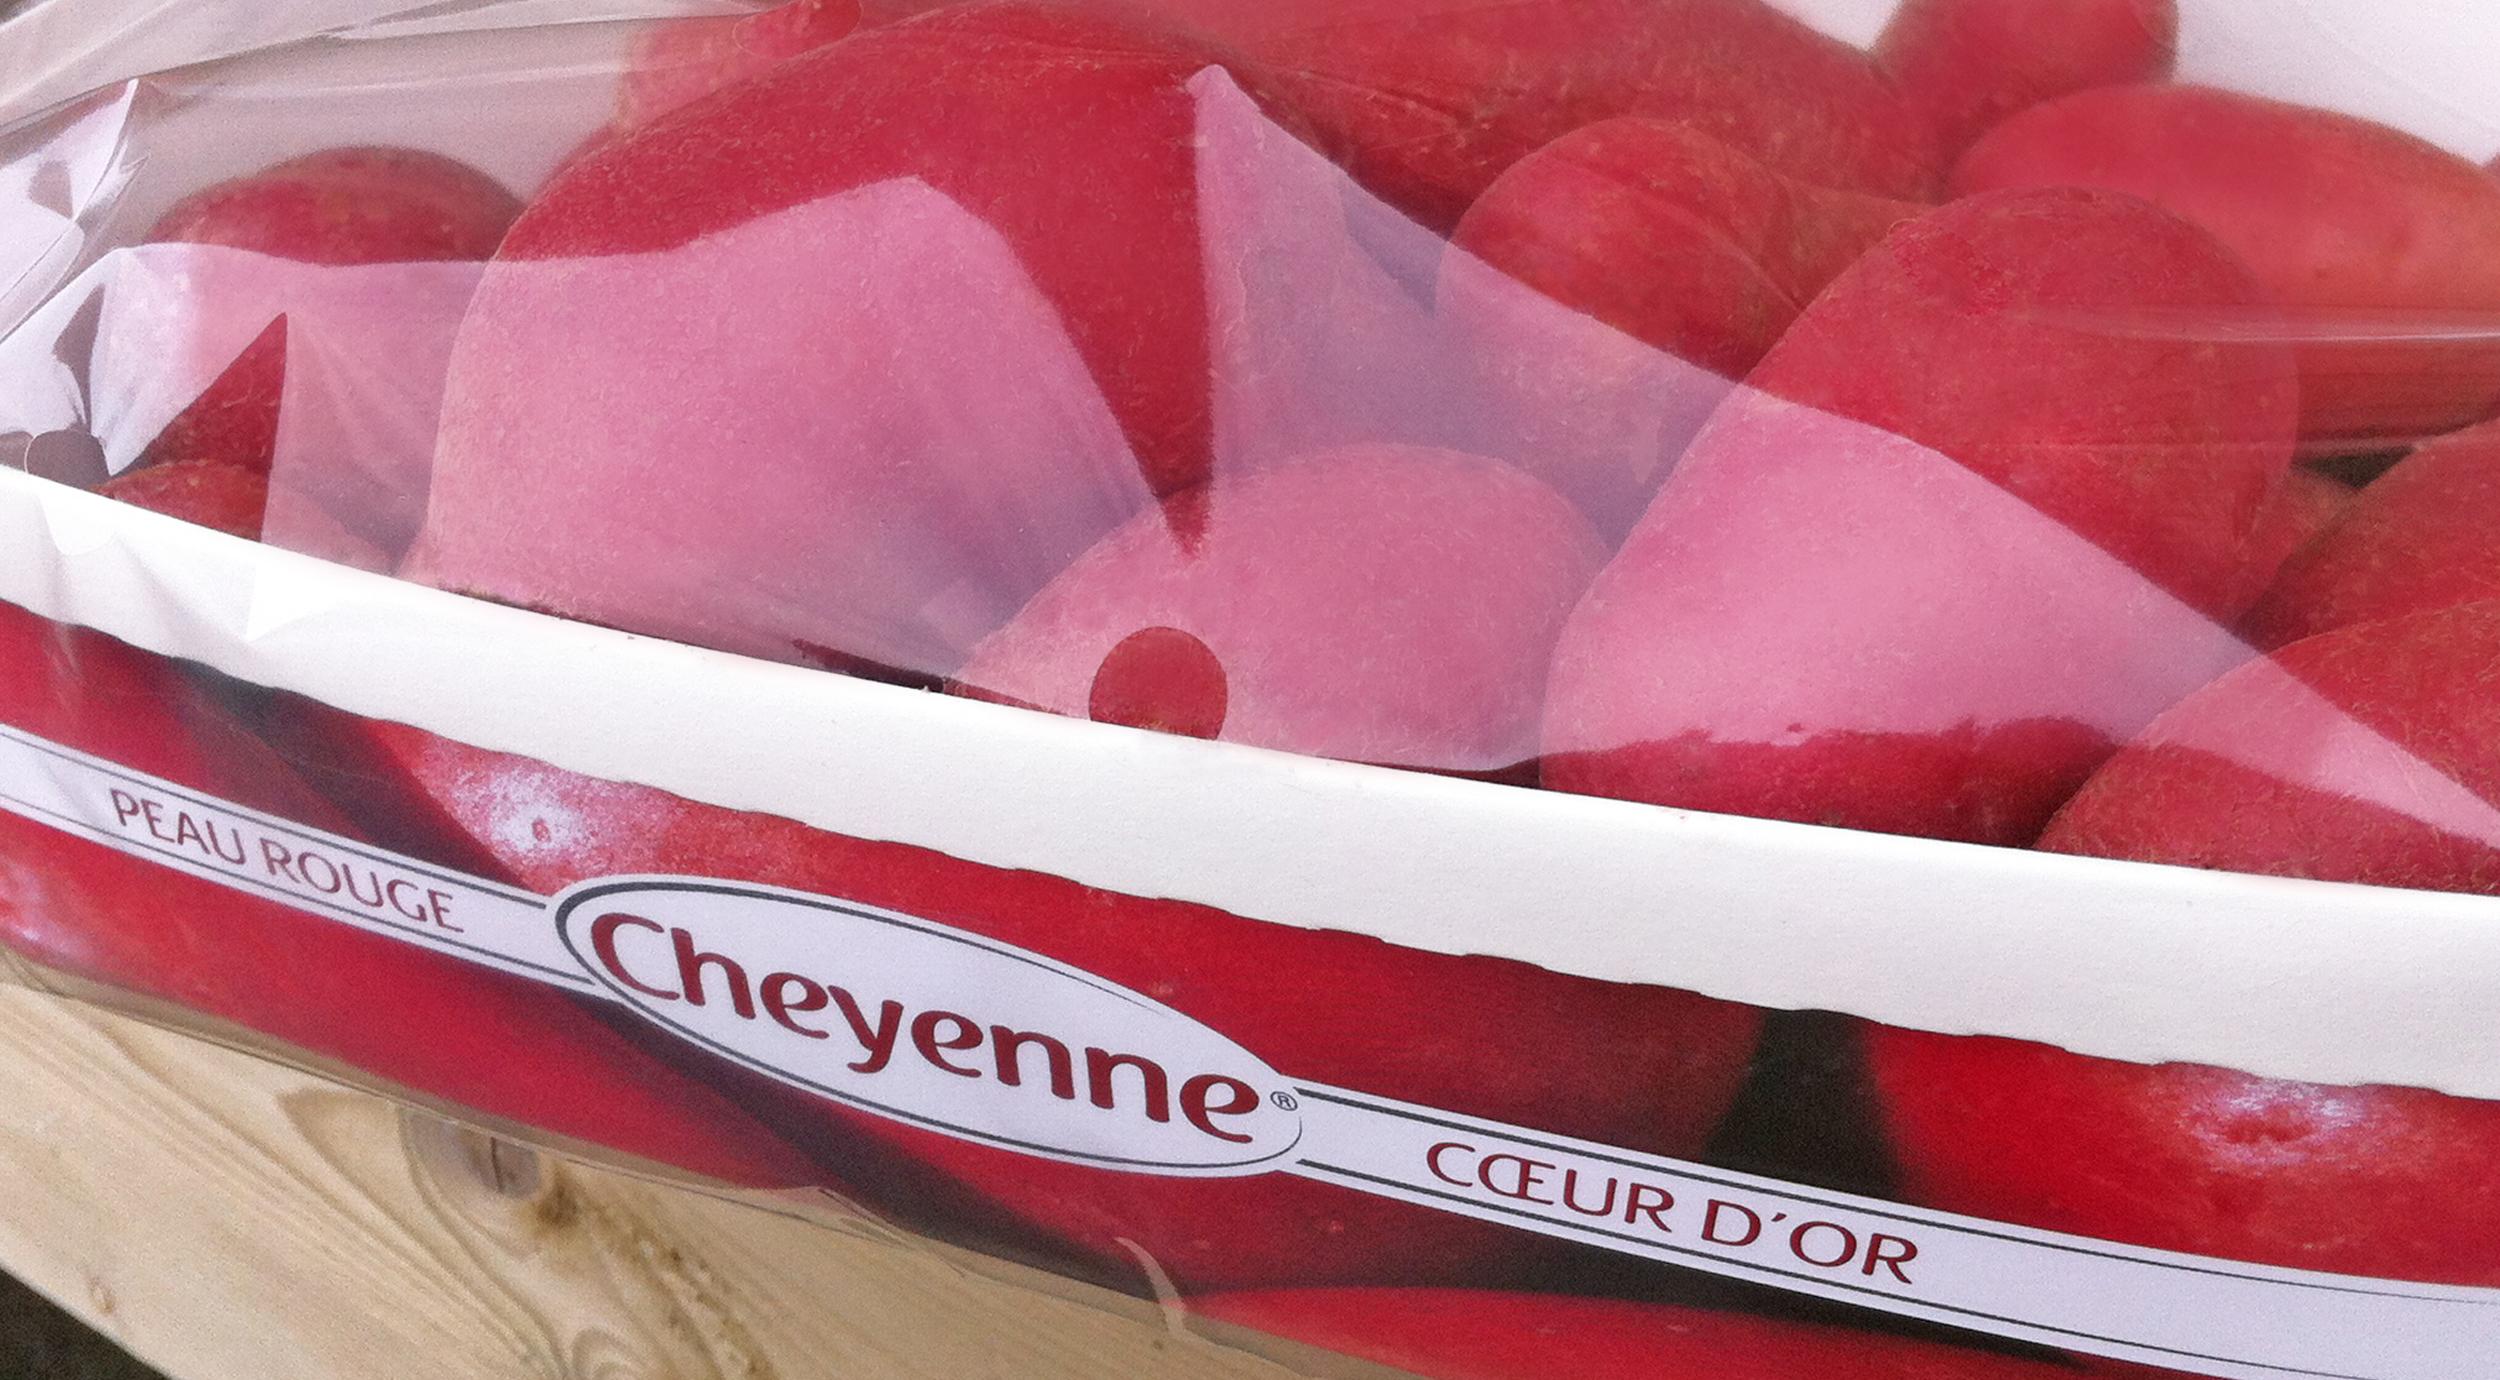 Barquettes Cheyenne®